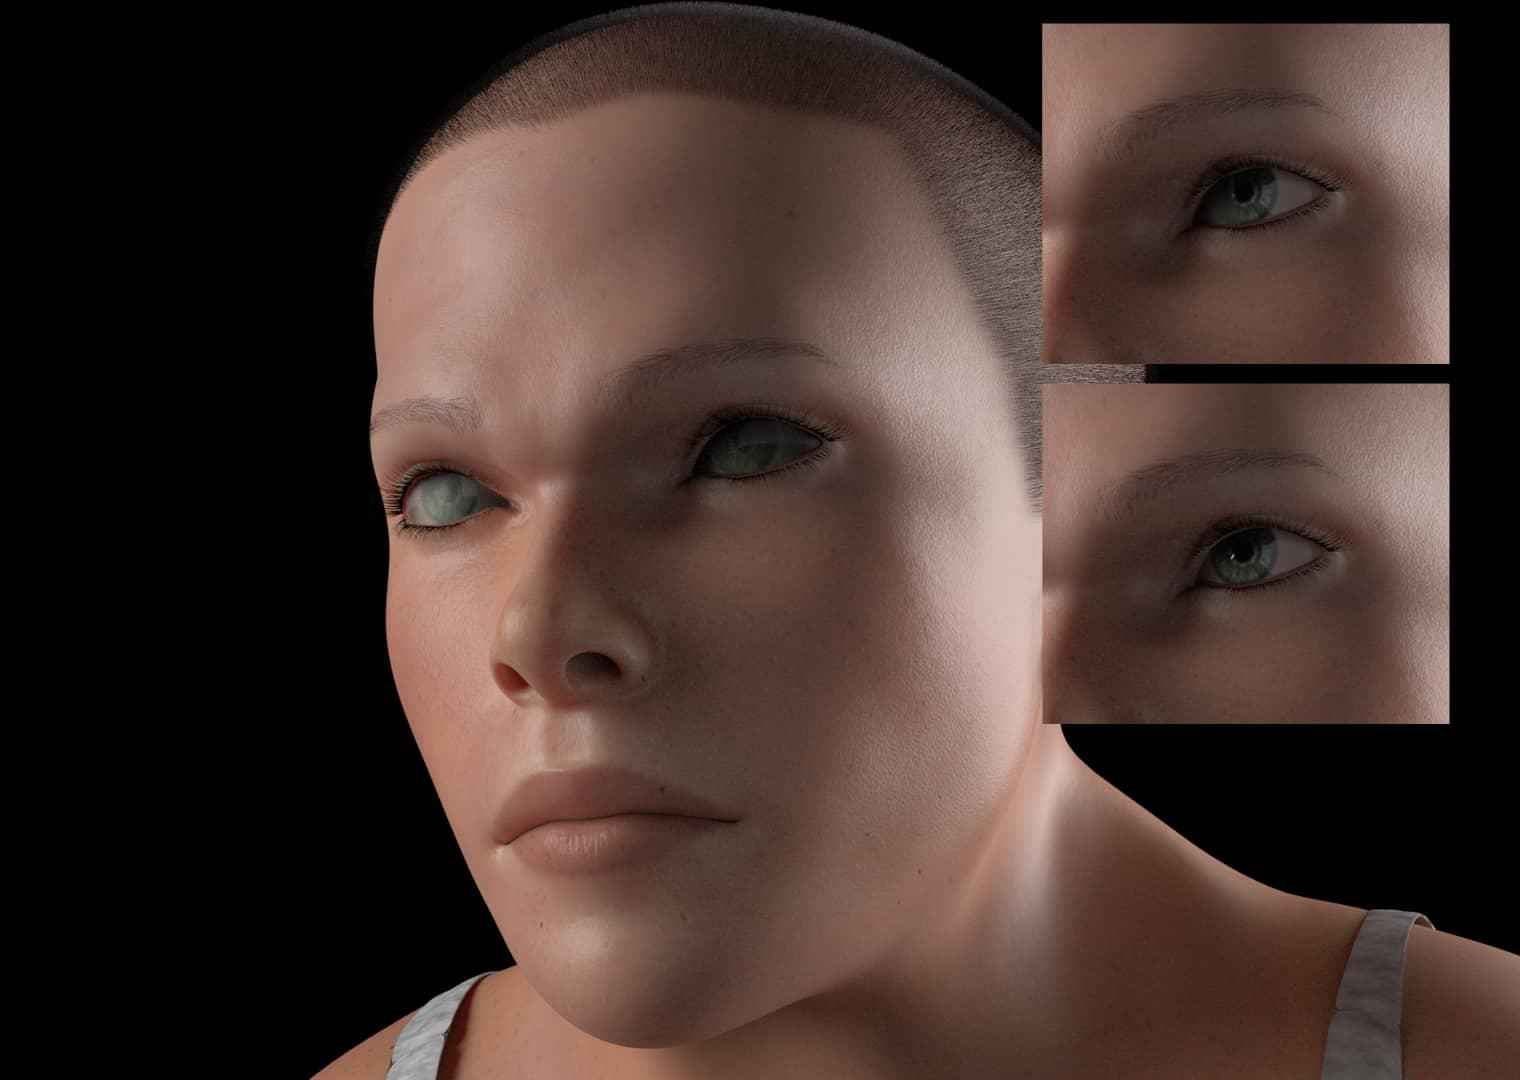 009 mindy eye - Учёные показали, как может выглядеть человек в 2100 году. Зрелище неутешительное